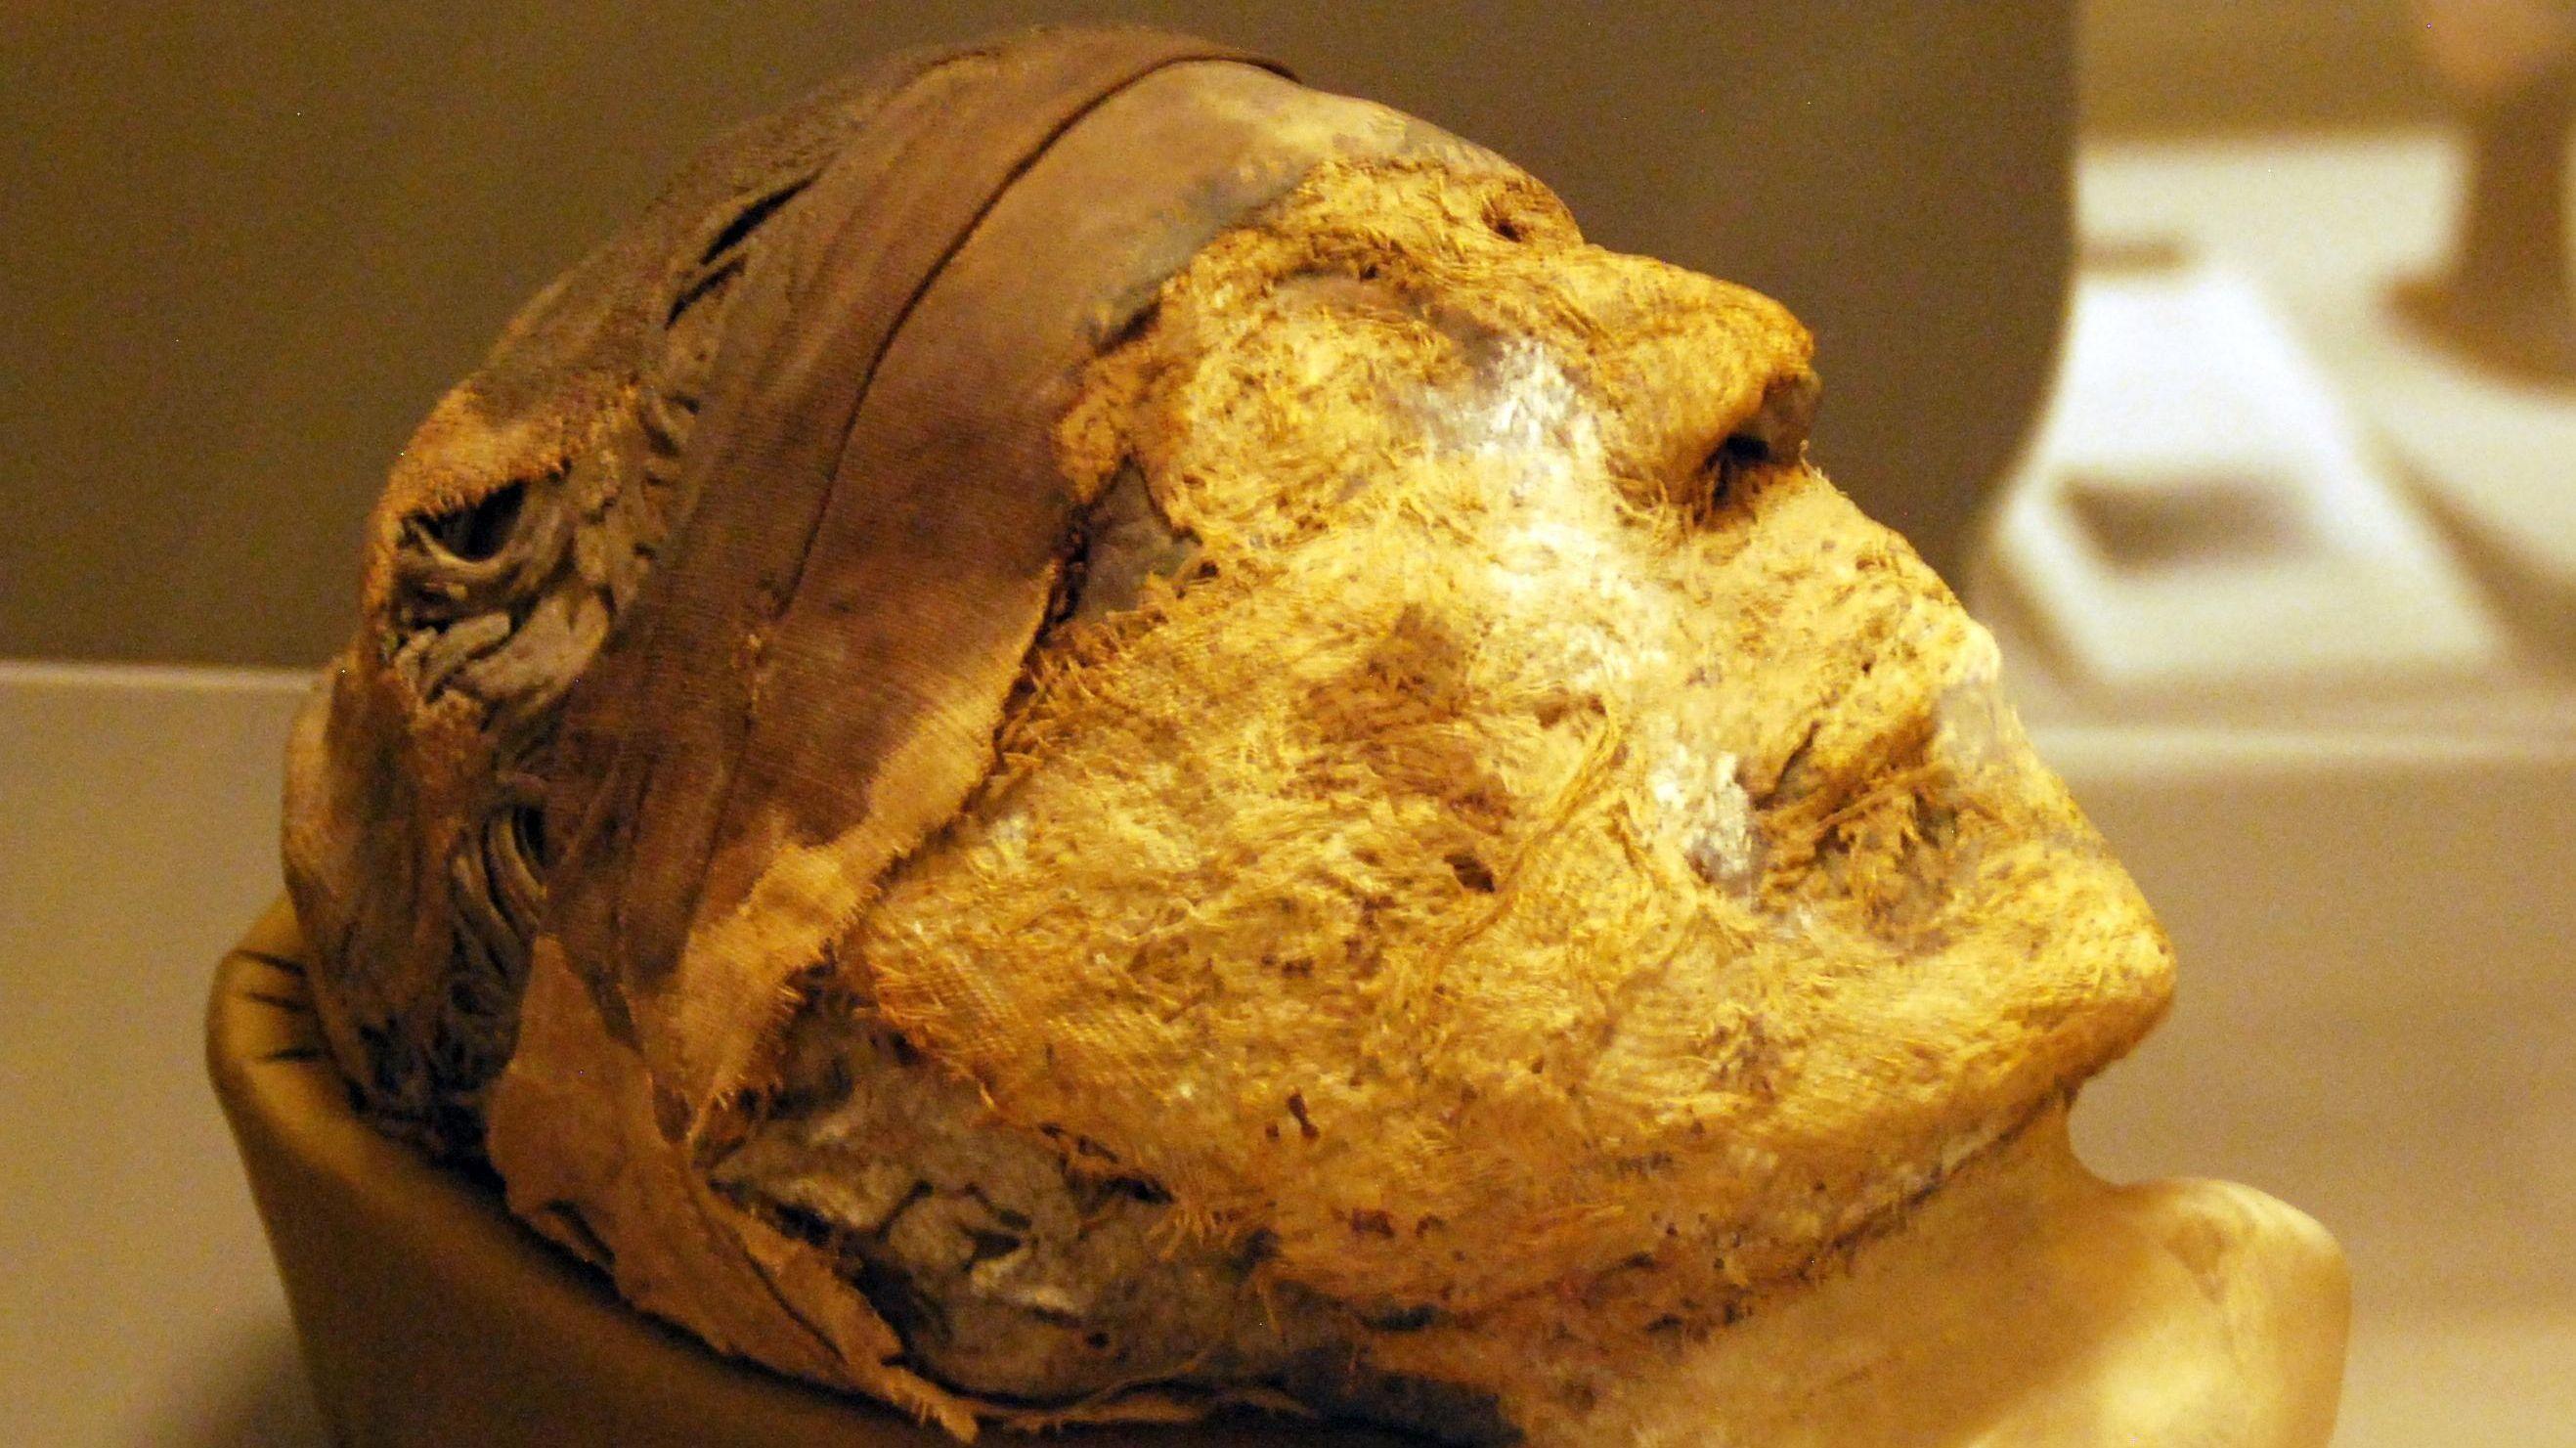 HAN ELLER HENNE? Det avkappede, mumifiserte hodet ble funnet i Egypts nekropolis Deir el-Bersha i 1915, men spørsmålet om nøyaktig hvem det tilhørte fikk sitt svar først i 2018 - av FBI ...